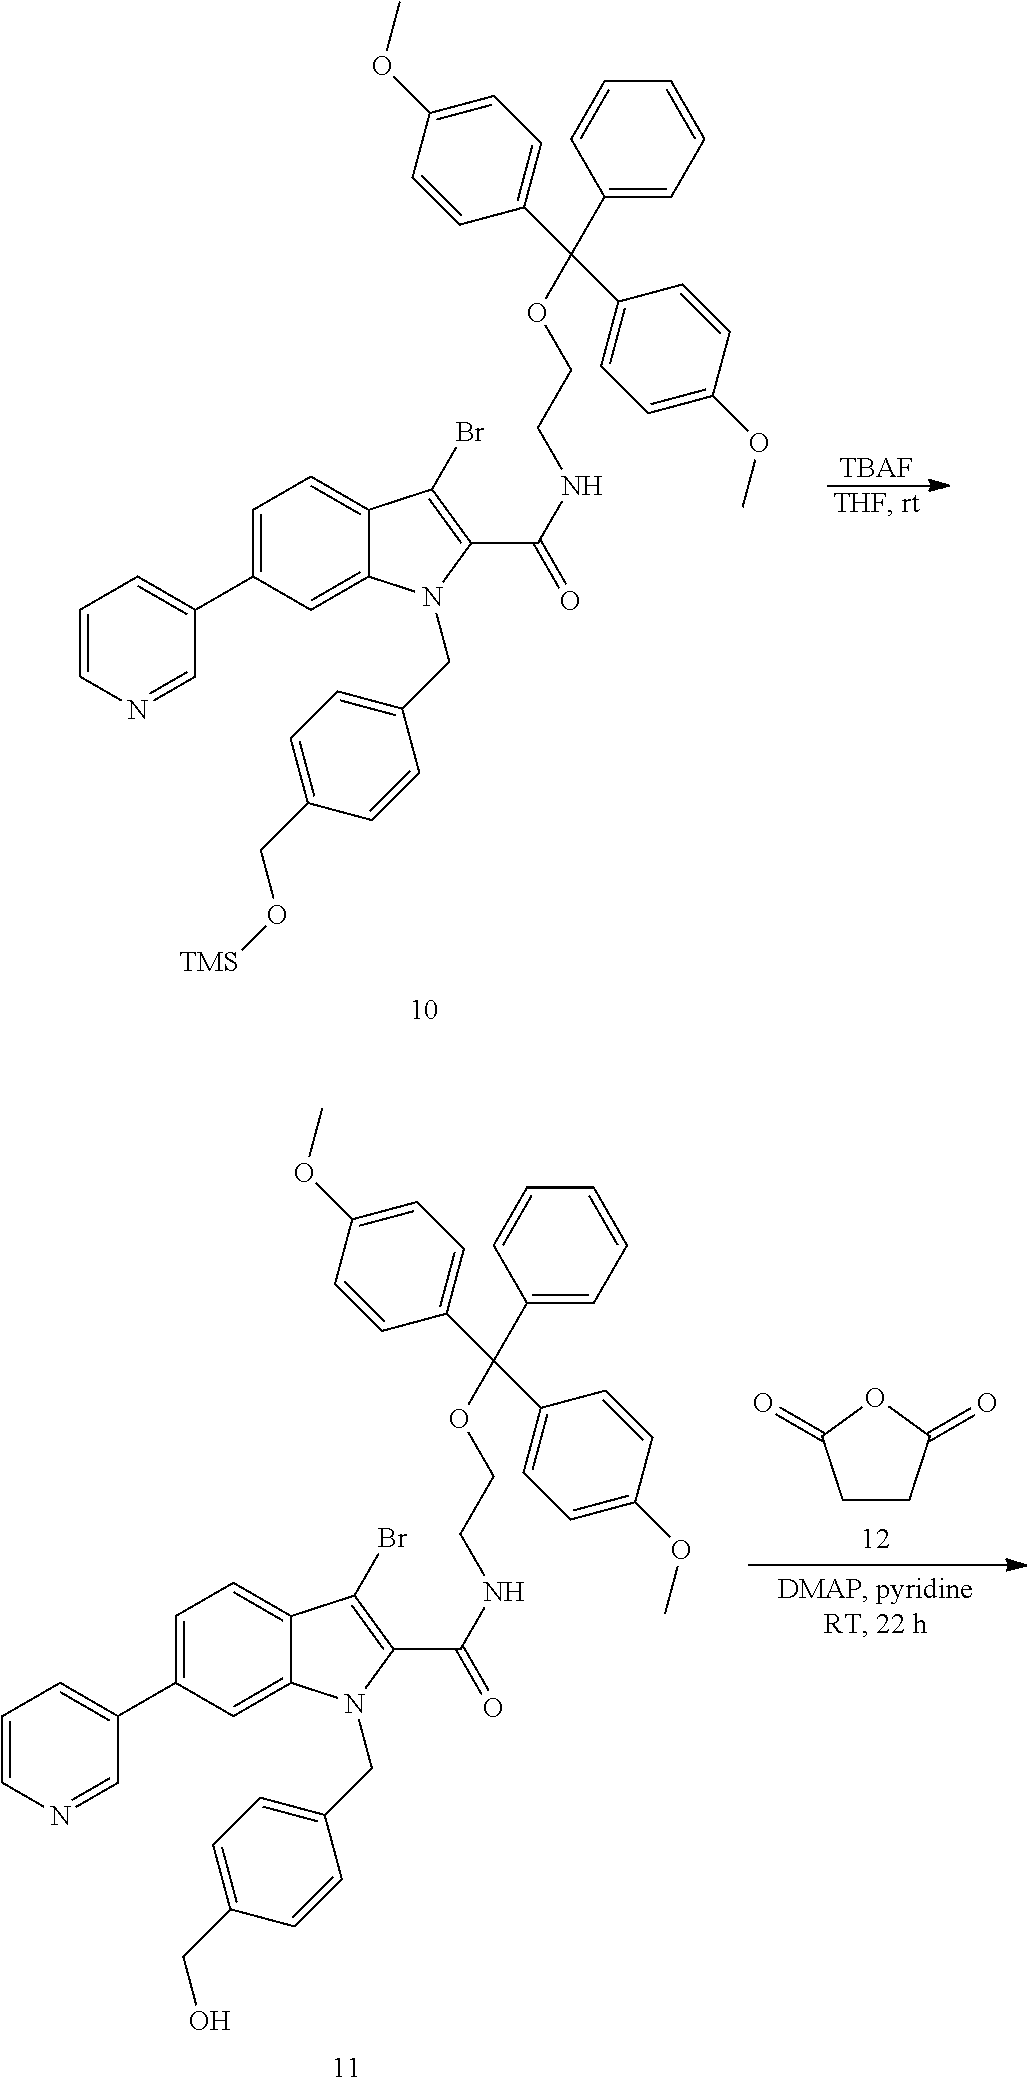 Figure US09988627-20180605-C00289